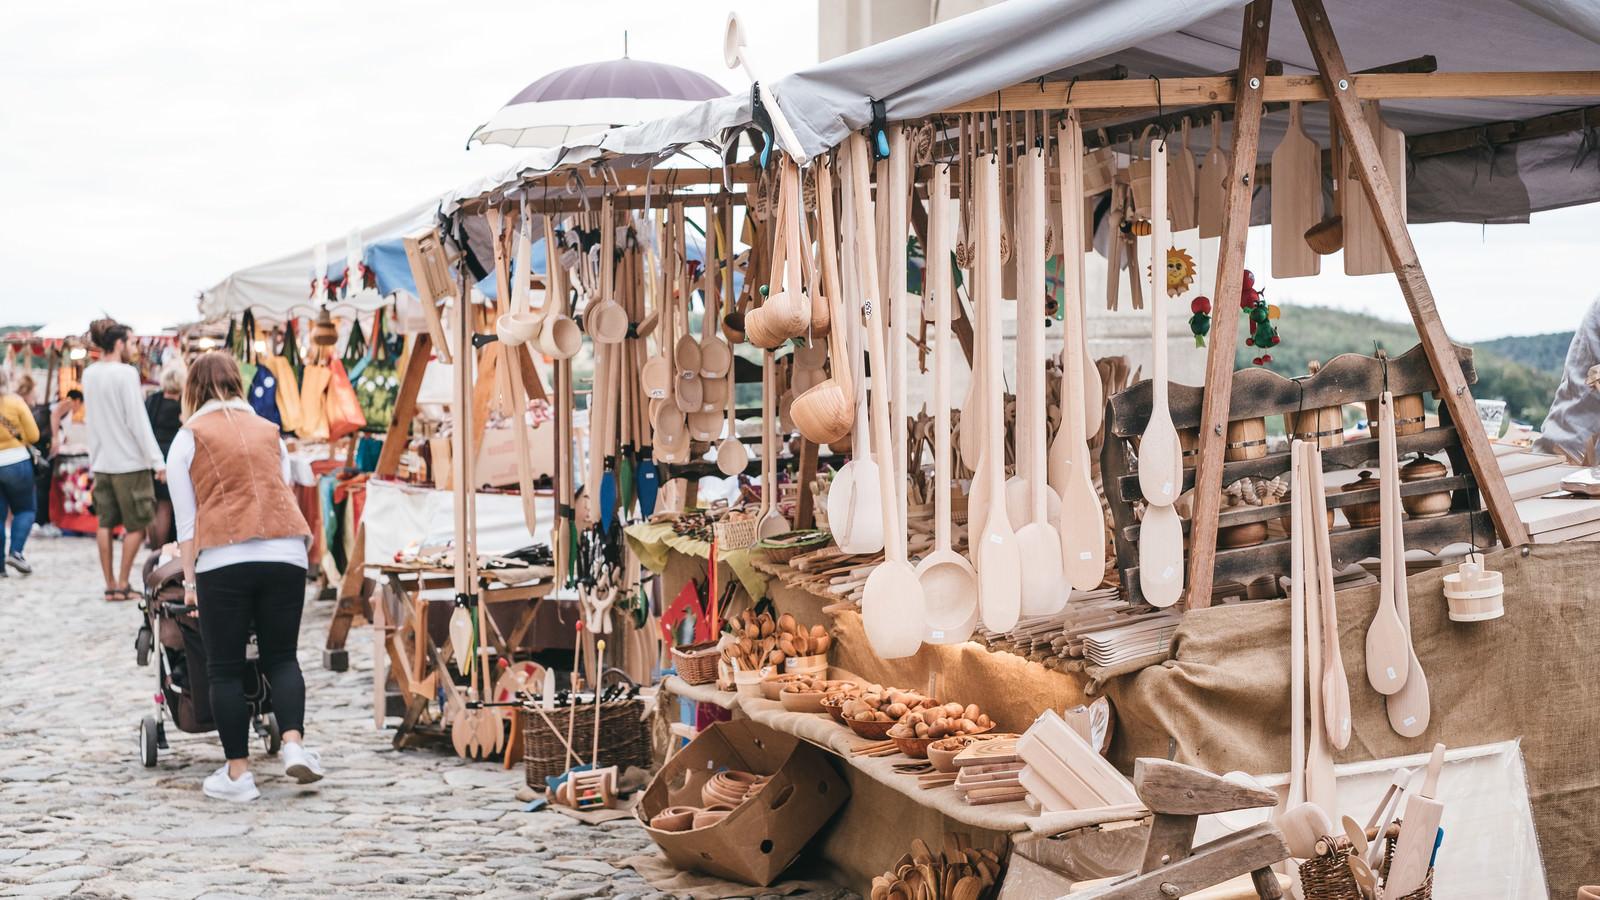 「野外市で売られる調理器具屋(ズノイモ市)」の写真